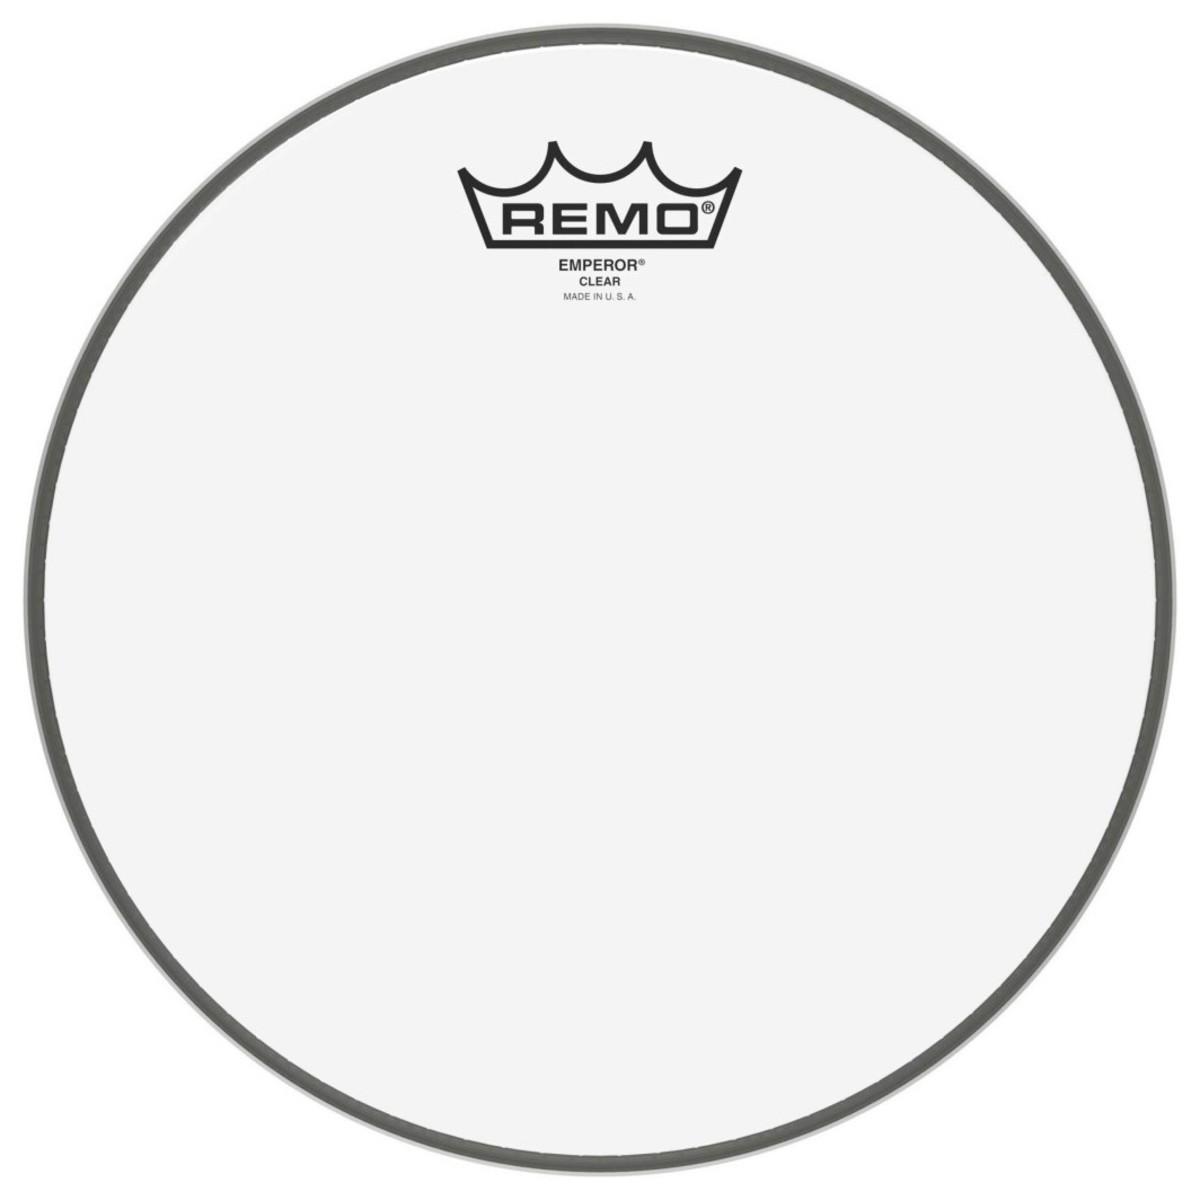 Remo Emperor Clear 8 Drum Head